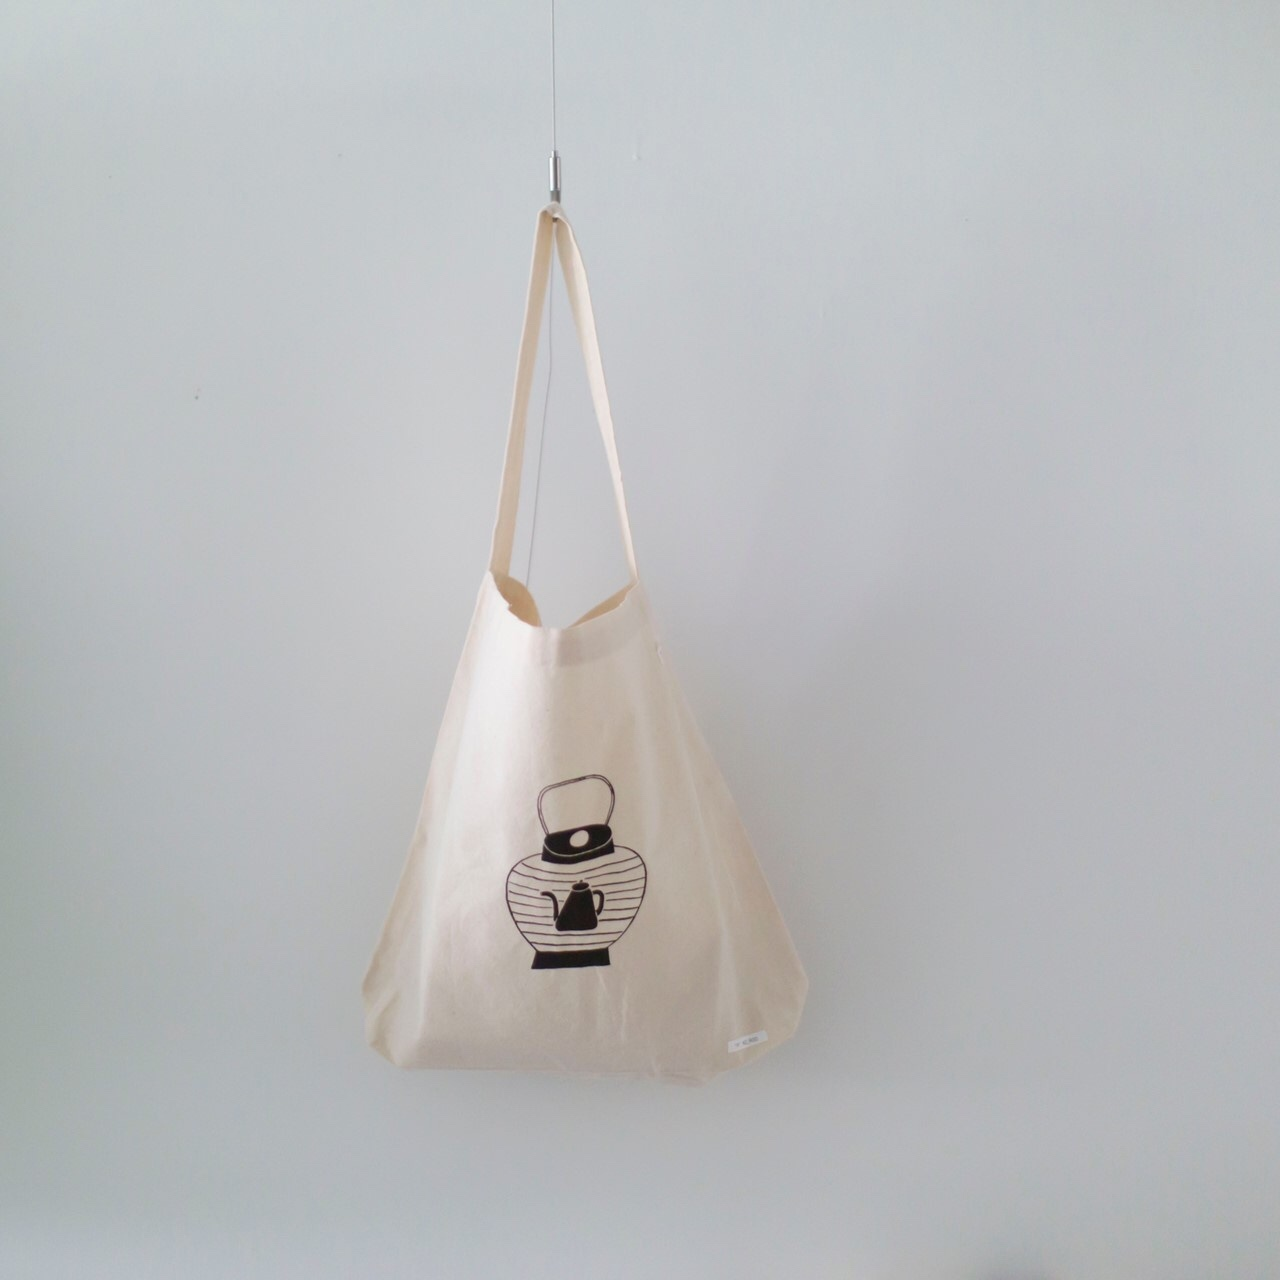 オリジナルトートバッグ : YACHIYO KATSUYAMA / Community Store TO SEE